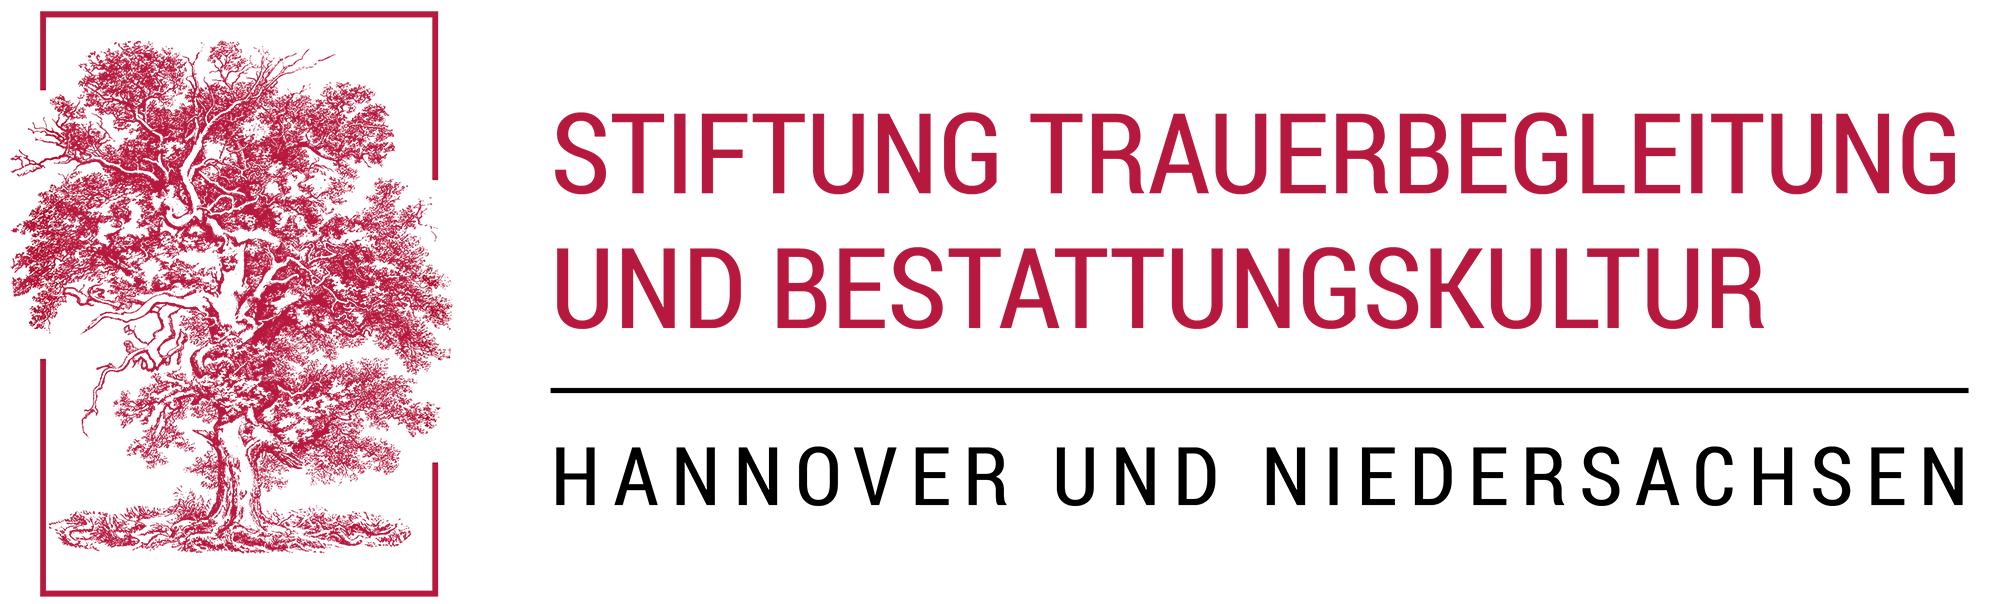 Stiftung Trauerbegleitung und Bestattungskultur